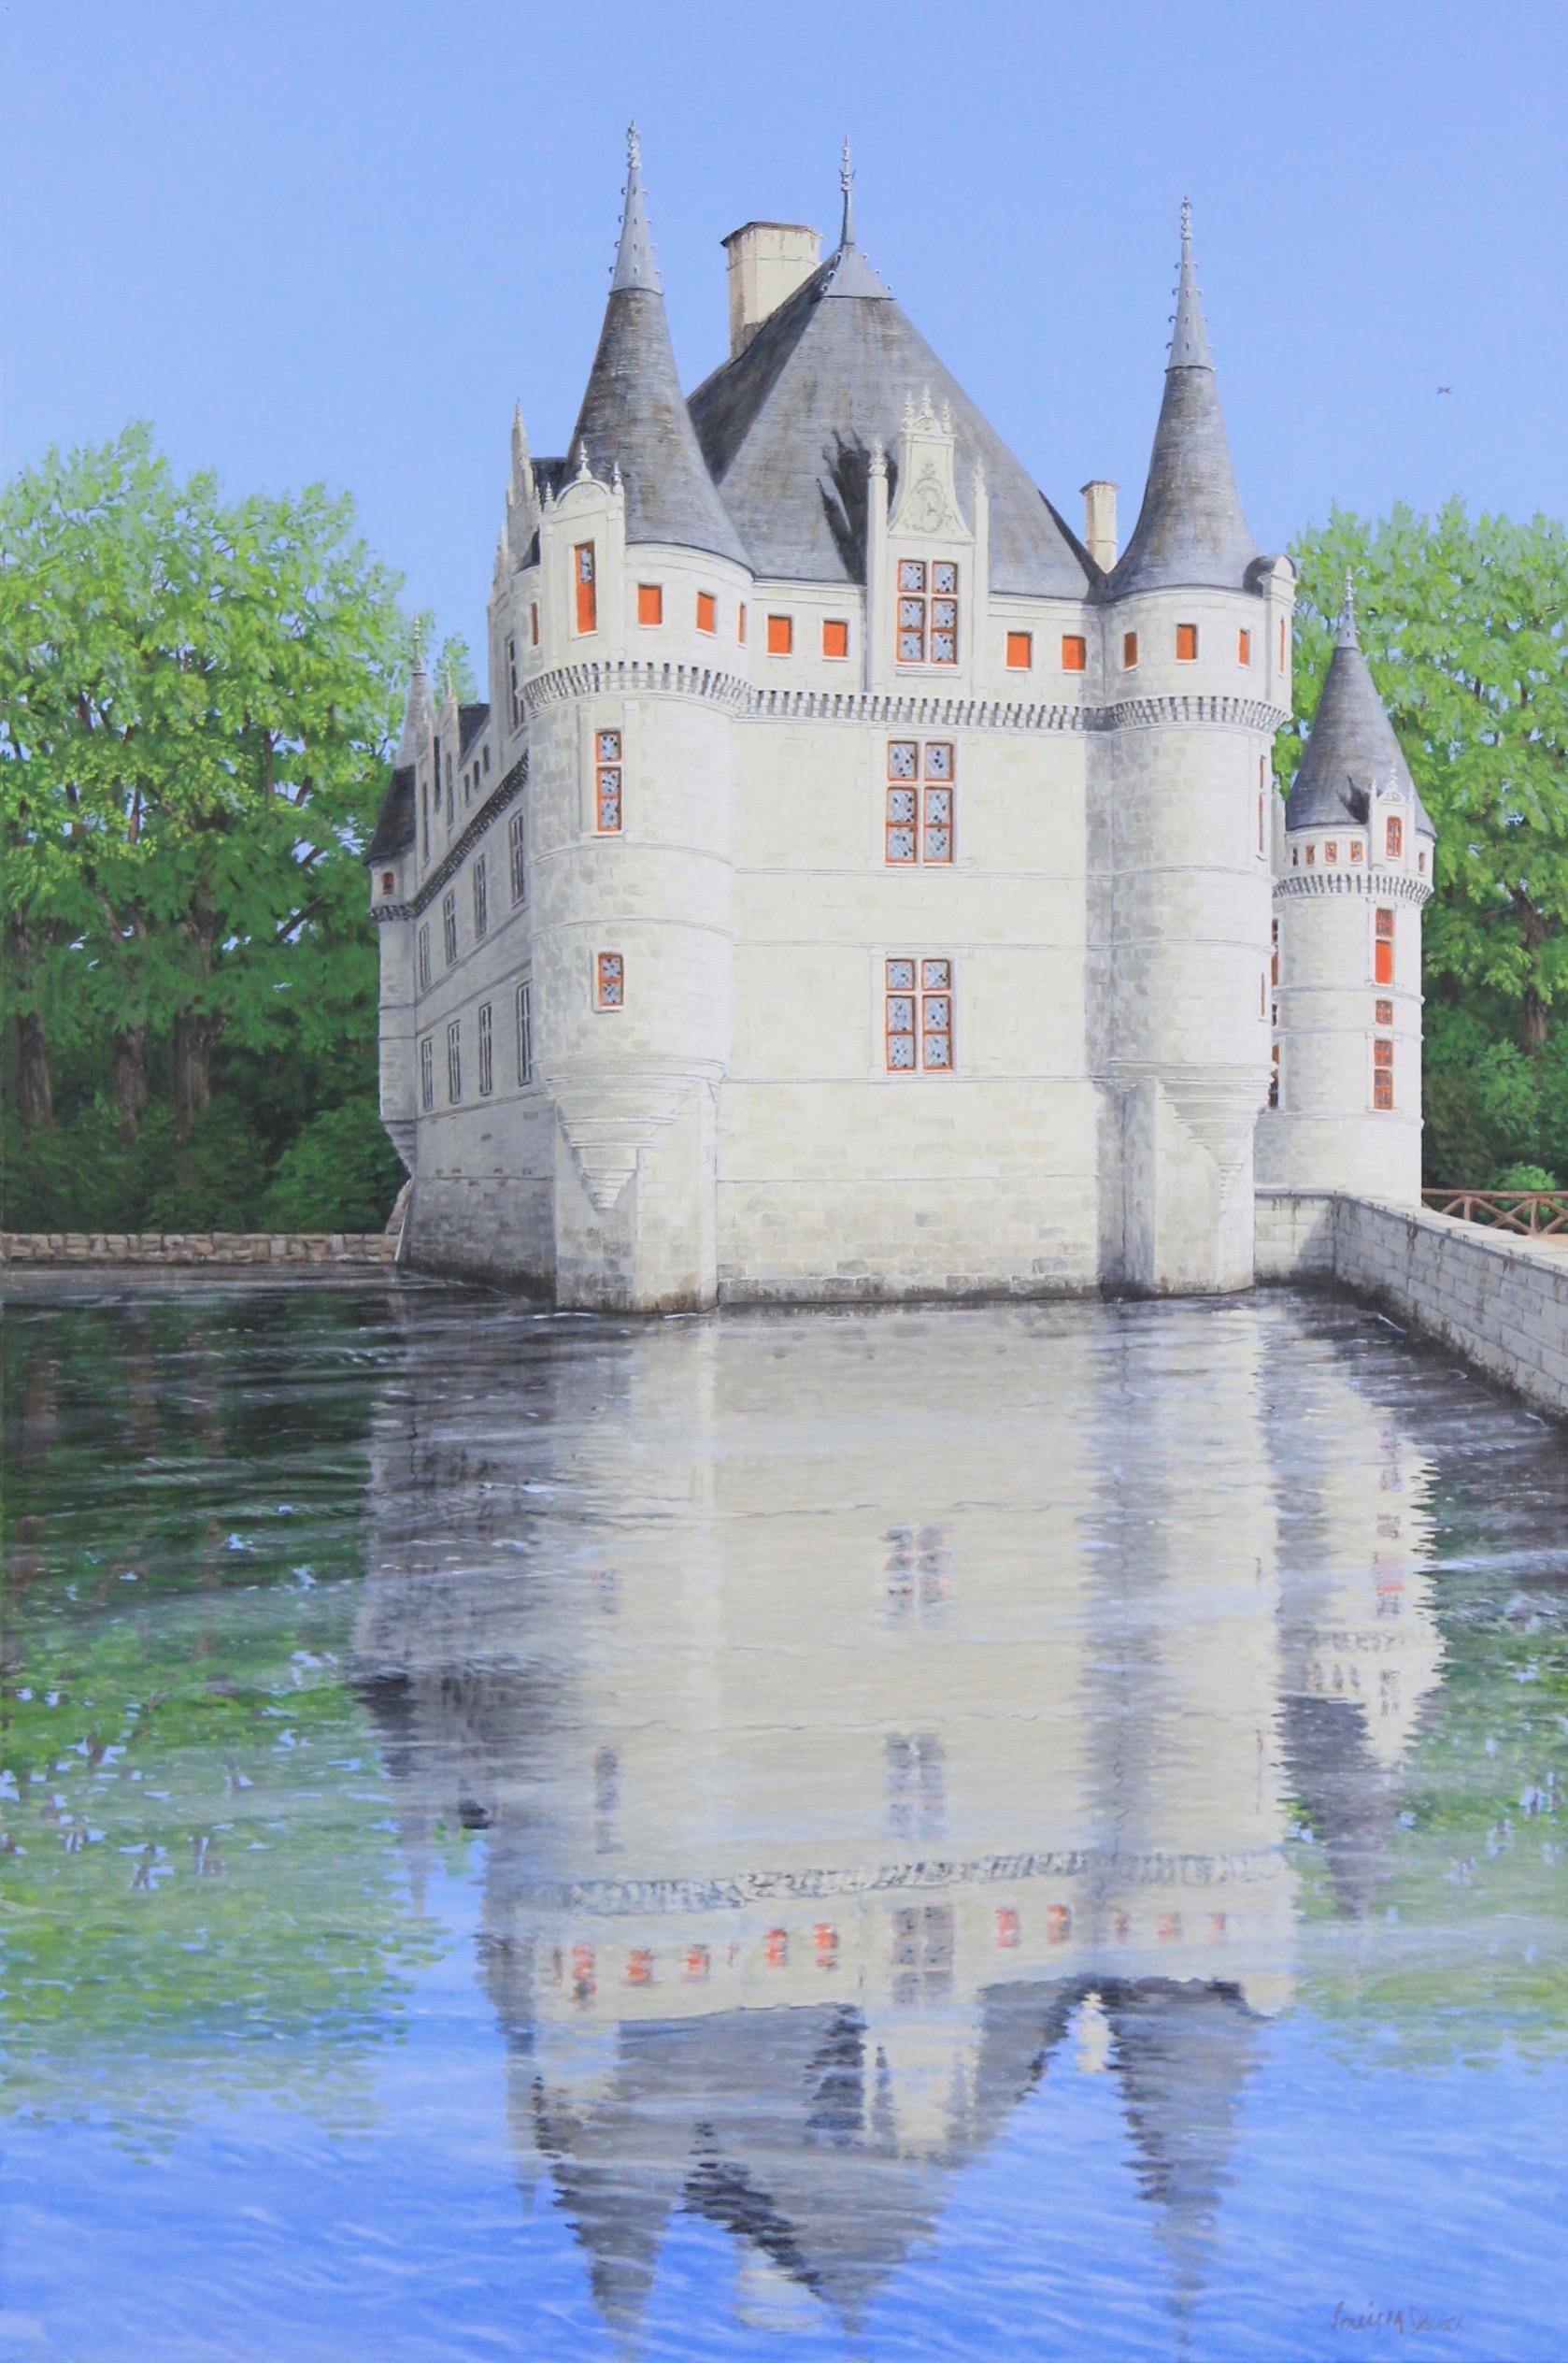 Chateau Azay le Rideau - France